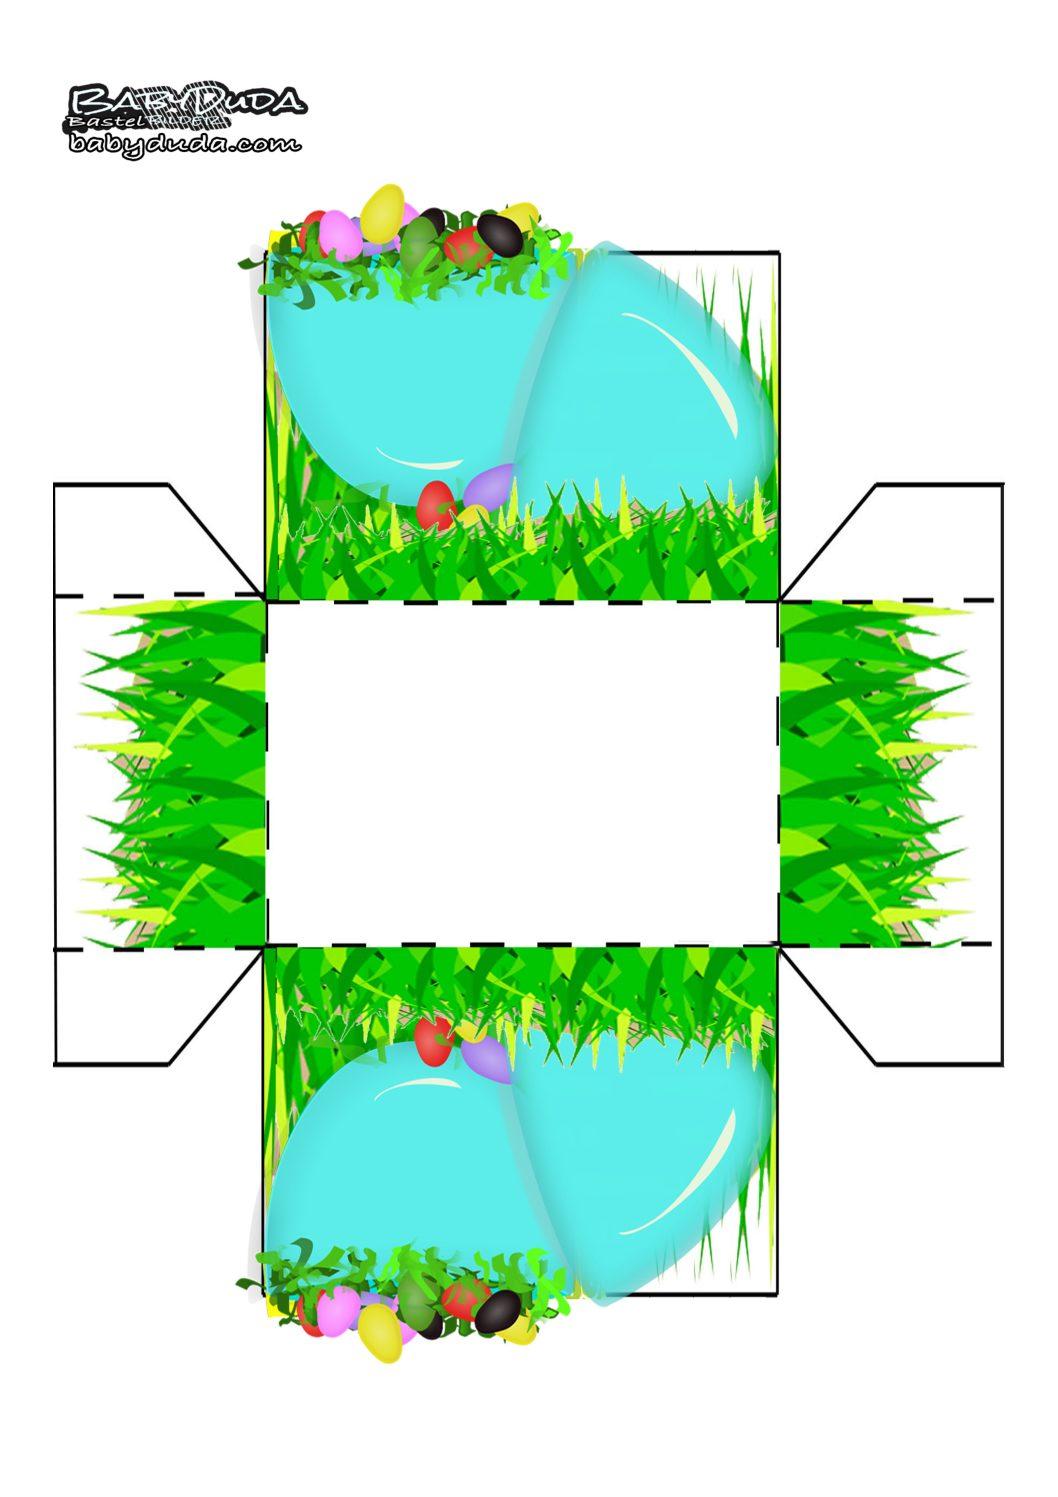 Osterkörbchen Basteln Vorlage fein osterkorb malvorlagen zum ausdrucken ideen